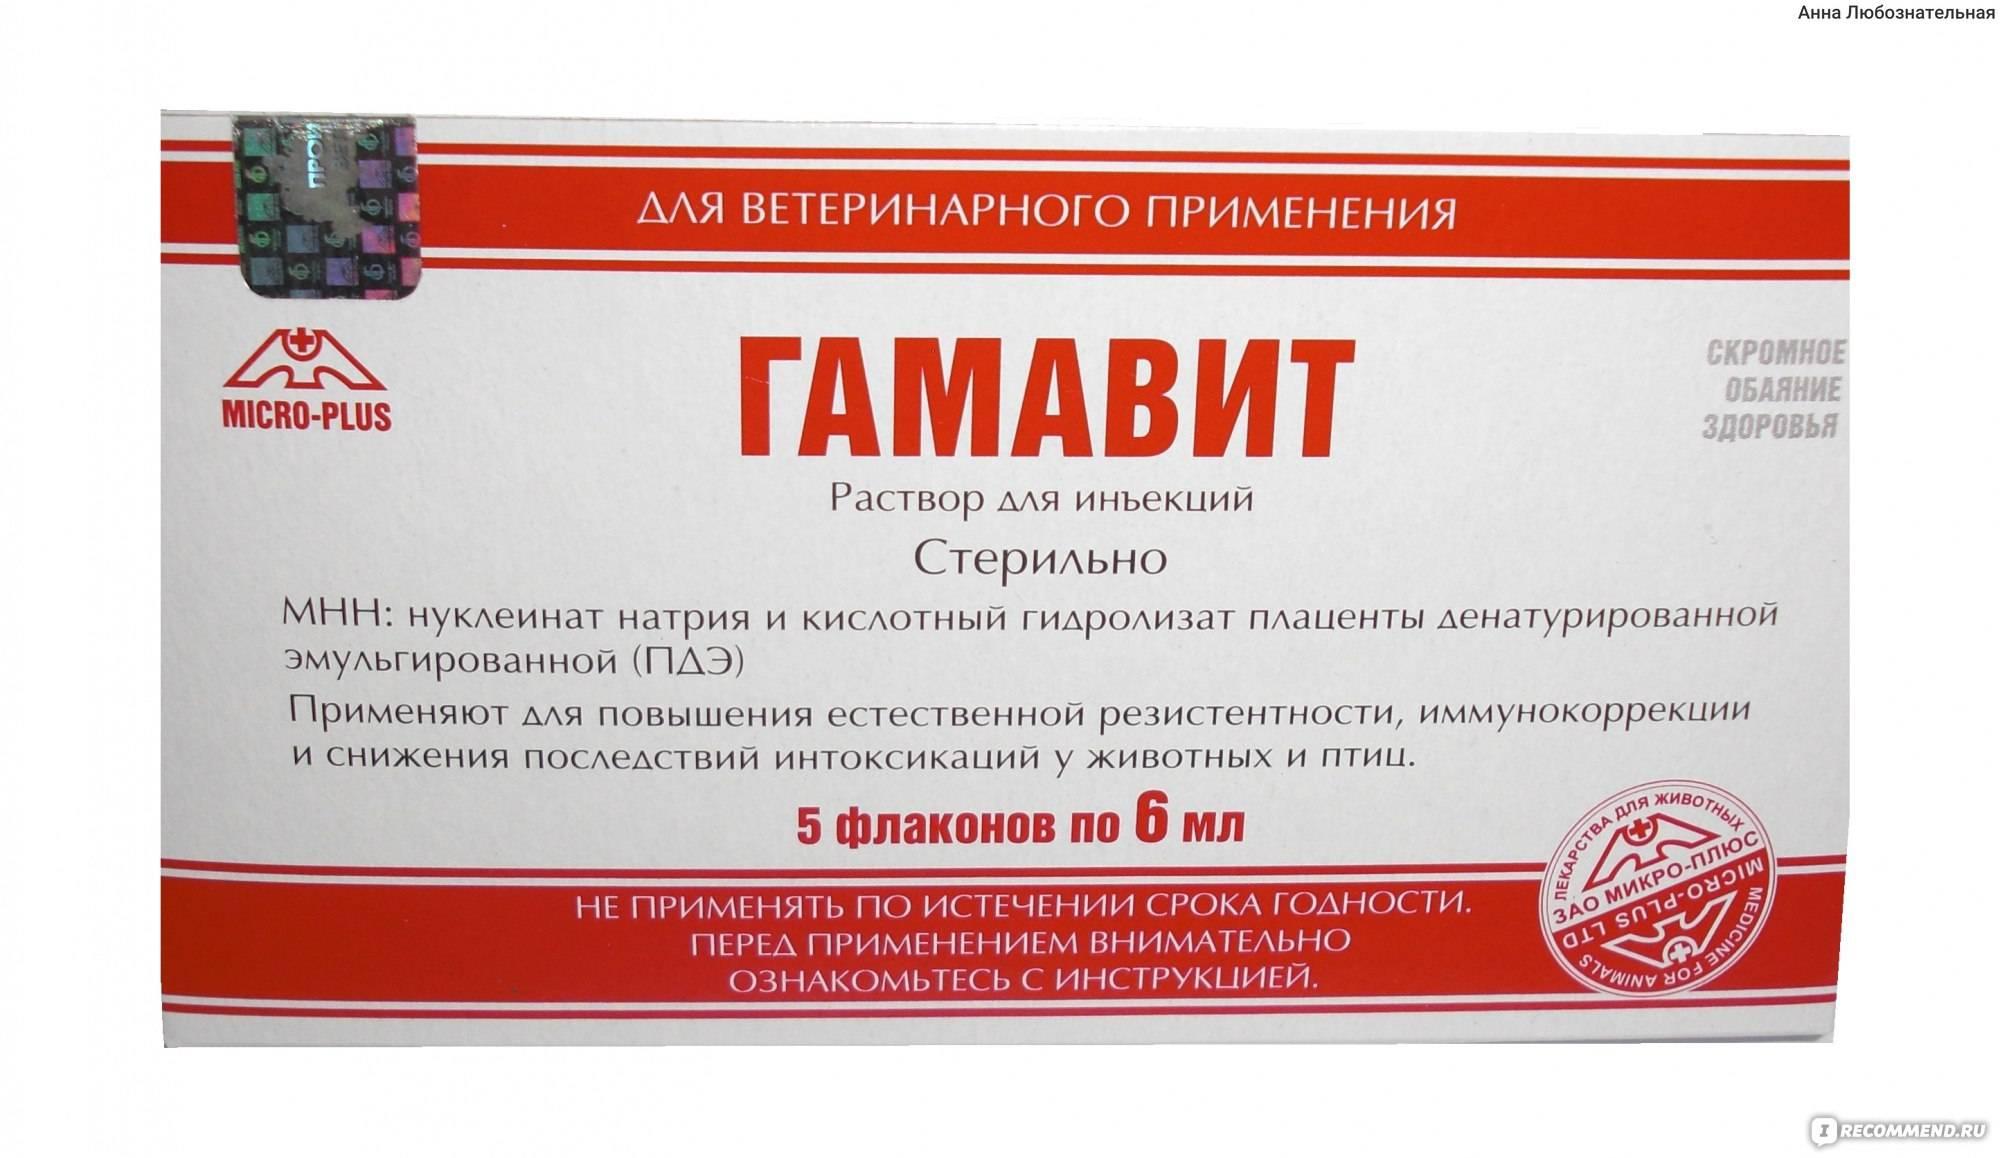 Ветеринарный препарат гамавит: состав, принцип действия и инструкция по применению